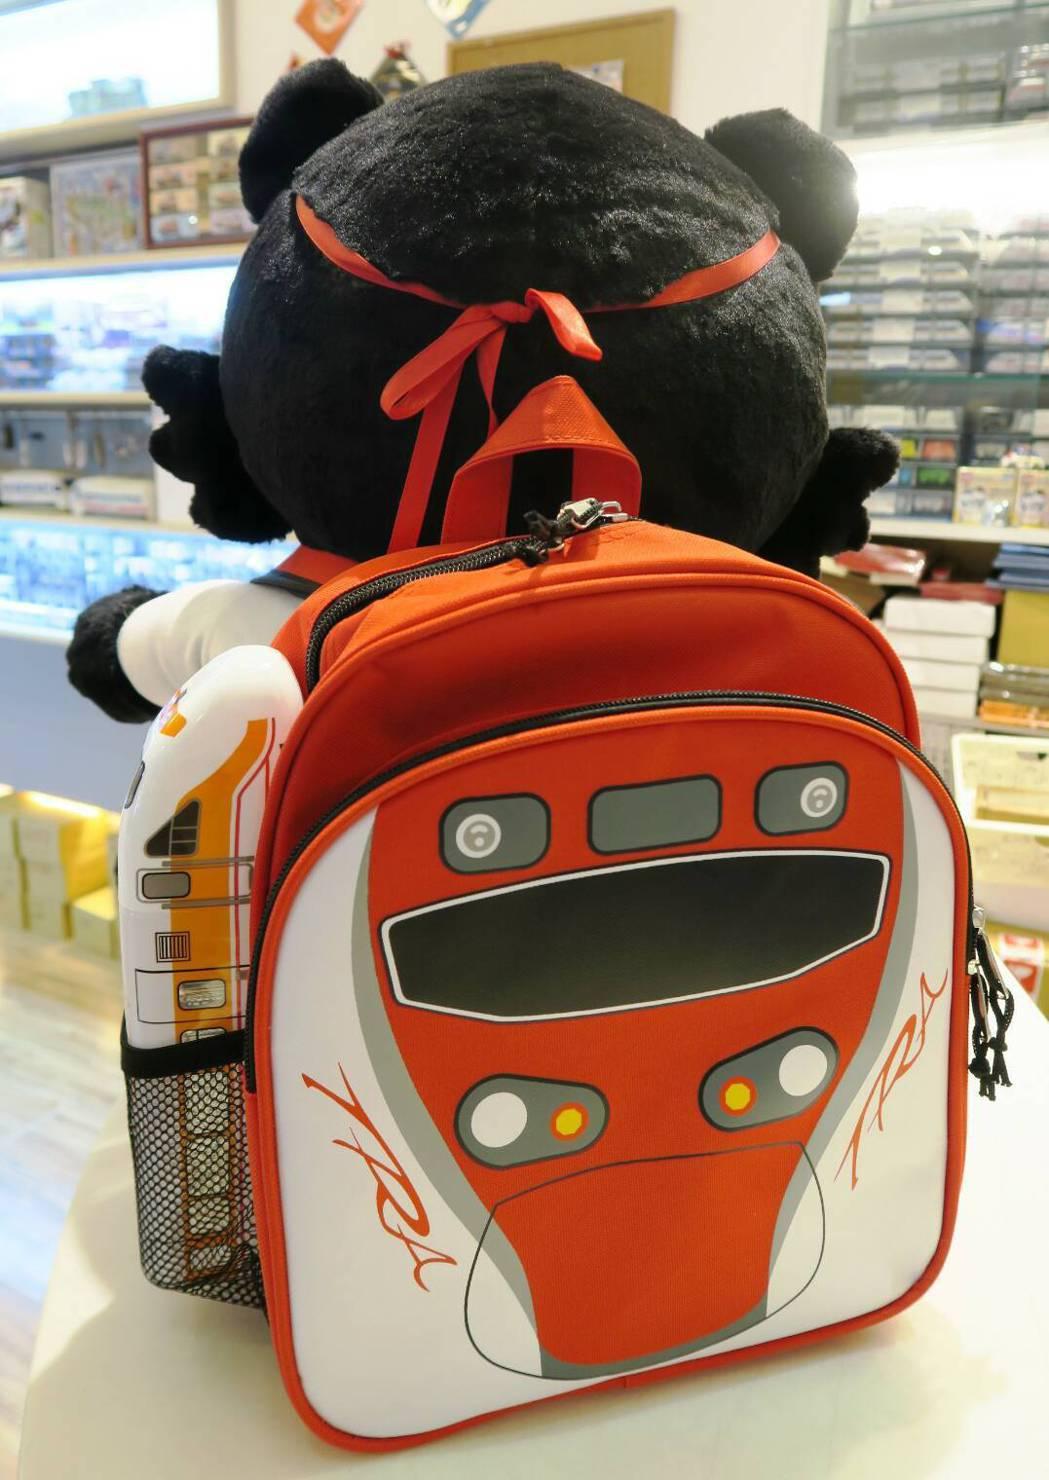 台鐵推普悠瑪兒童後背包,將普悠瑪號車頭設計成酷炫火車機器人,小朋友背起來很可愛。...